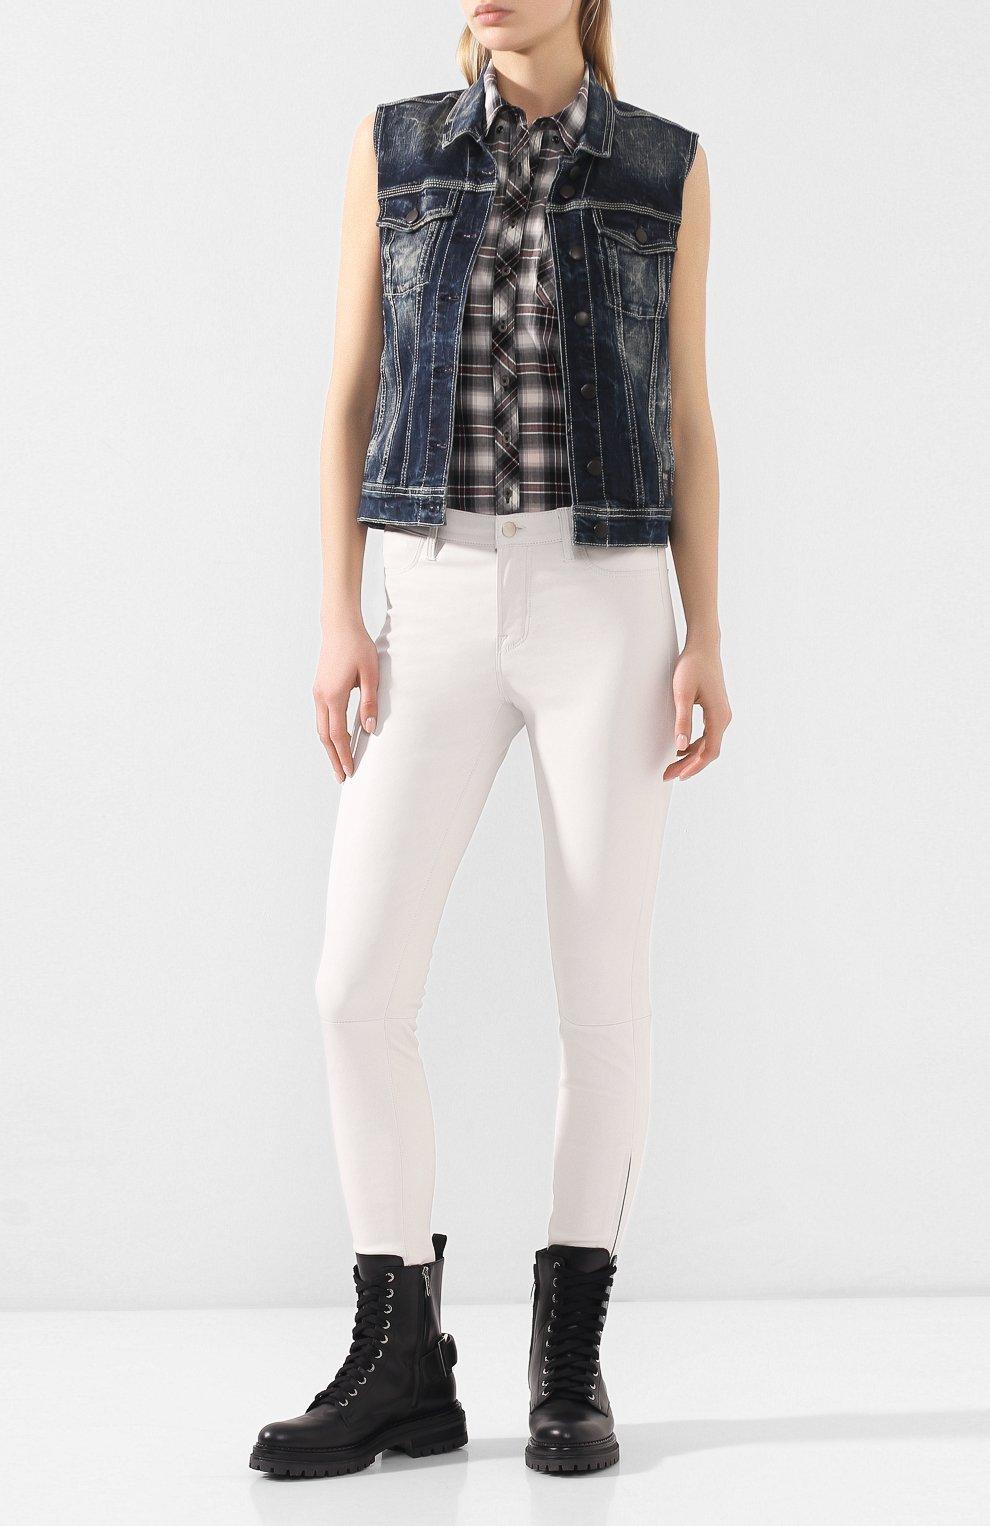 Женский джинсовый жилет black label HARLEY-DAVIDSON синего цвета, арт. 96368-16VW | Фото 2